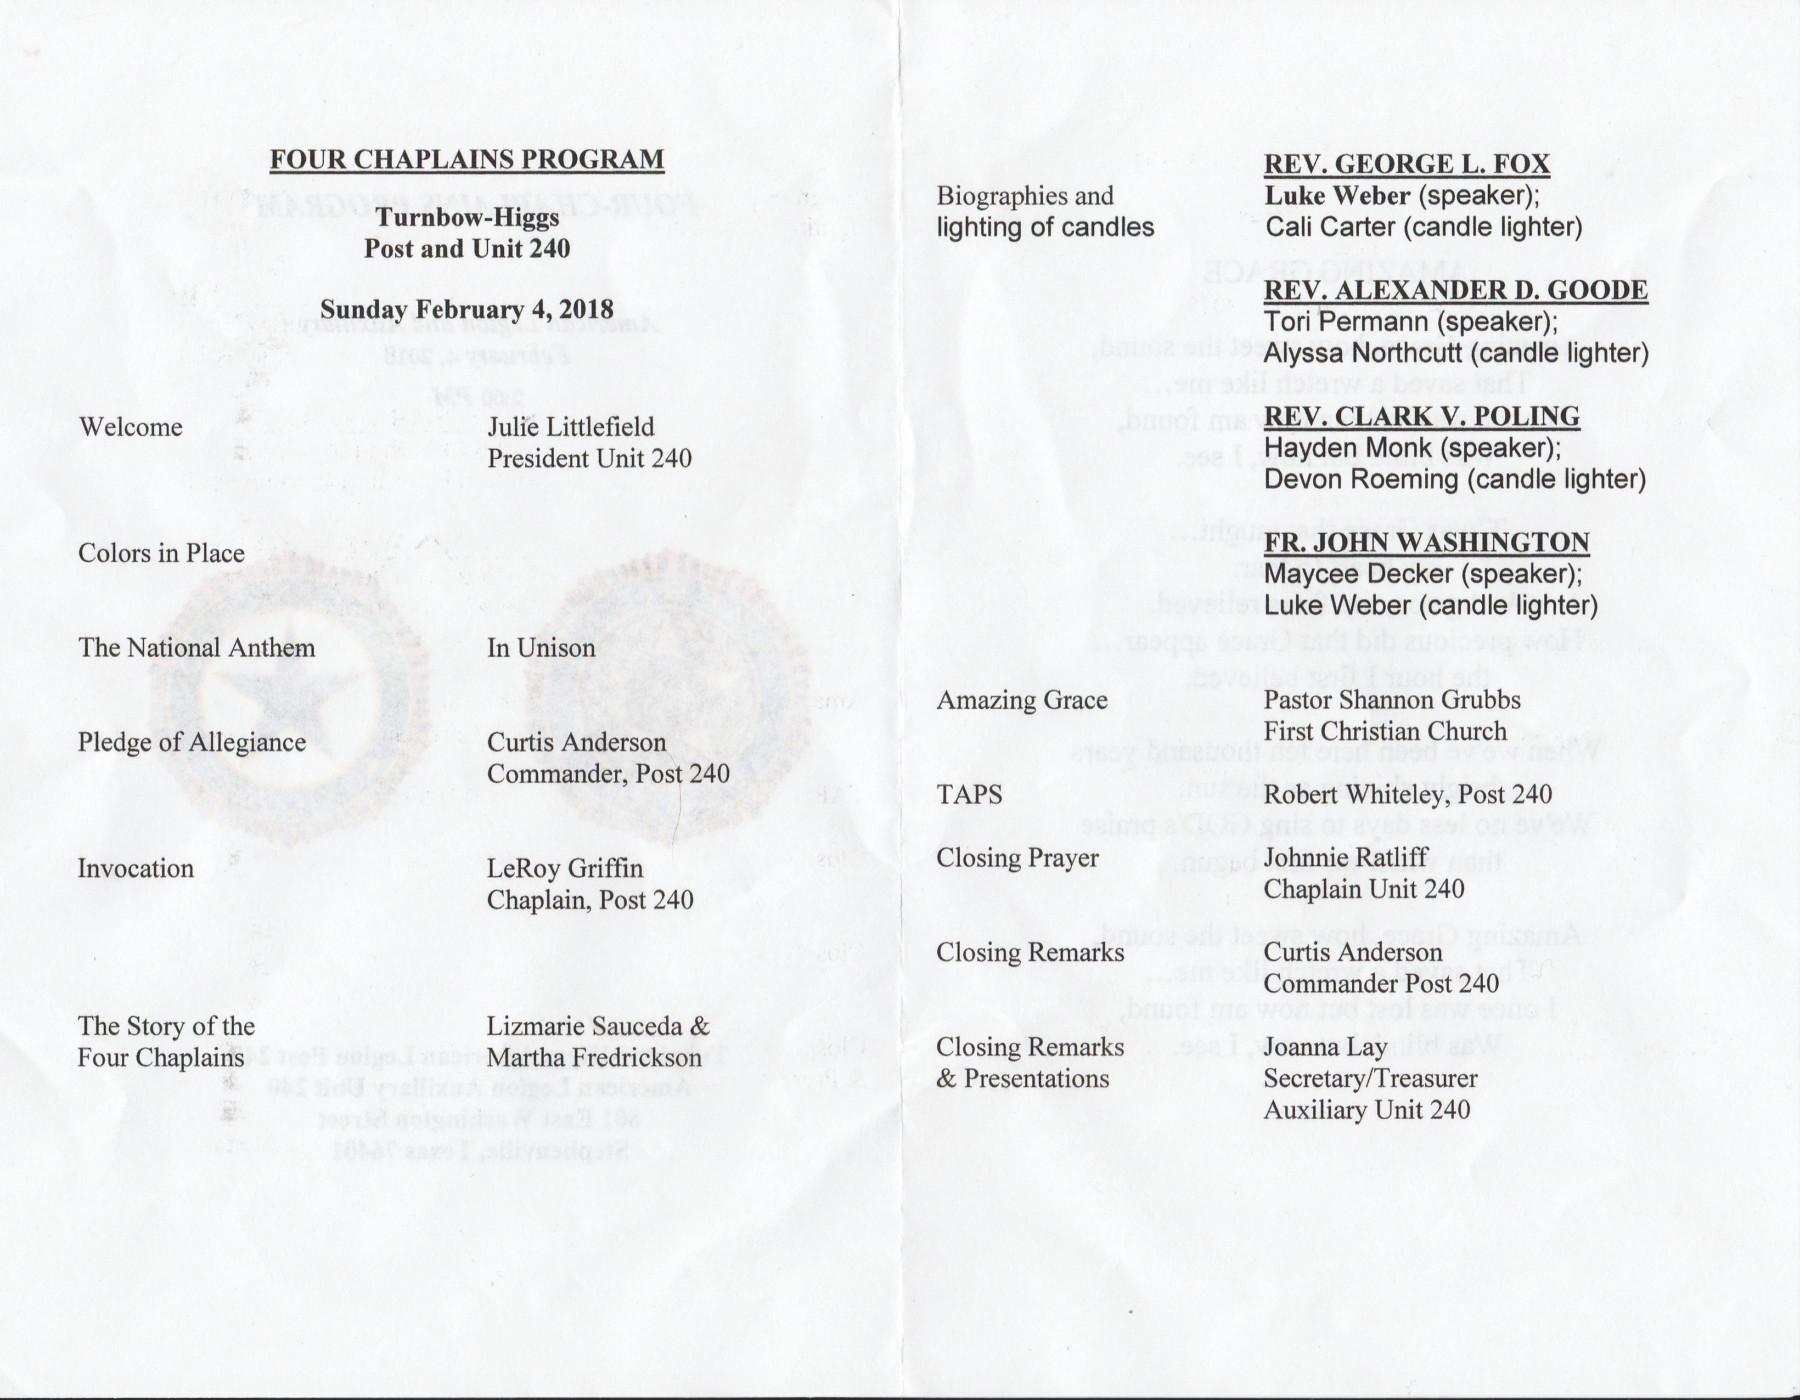 Four Chaplains Program 1a Program agenda